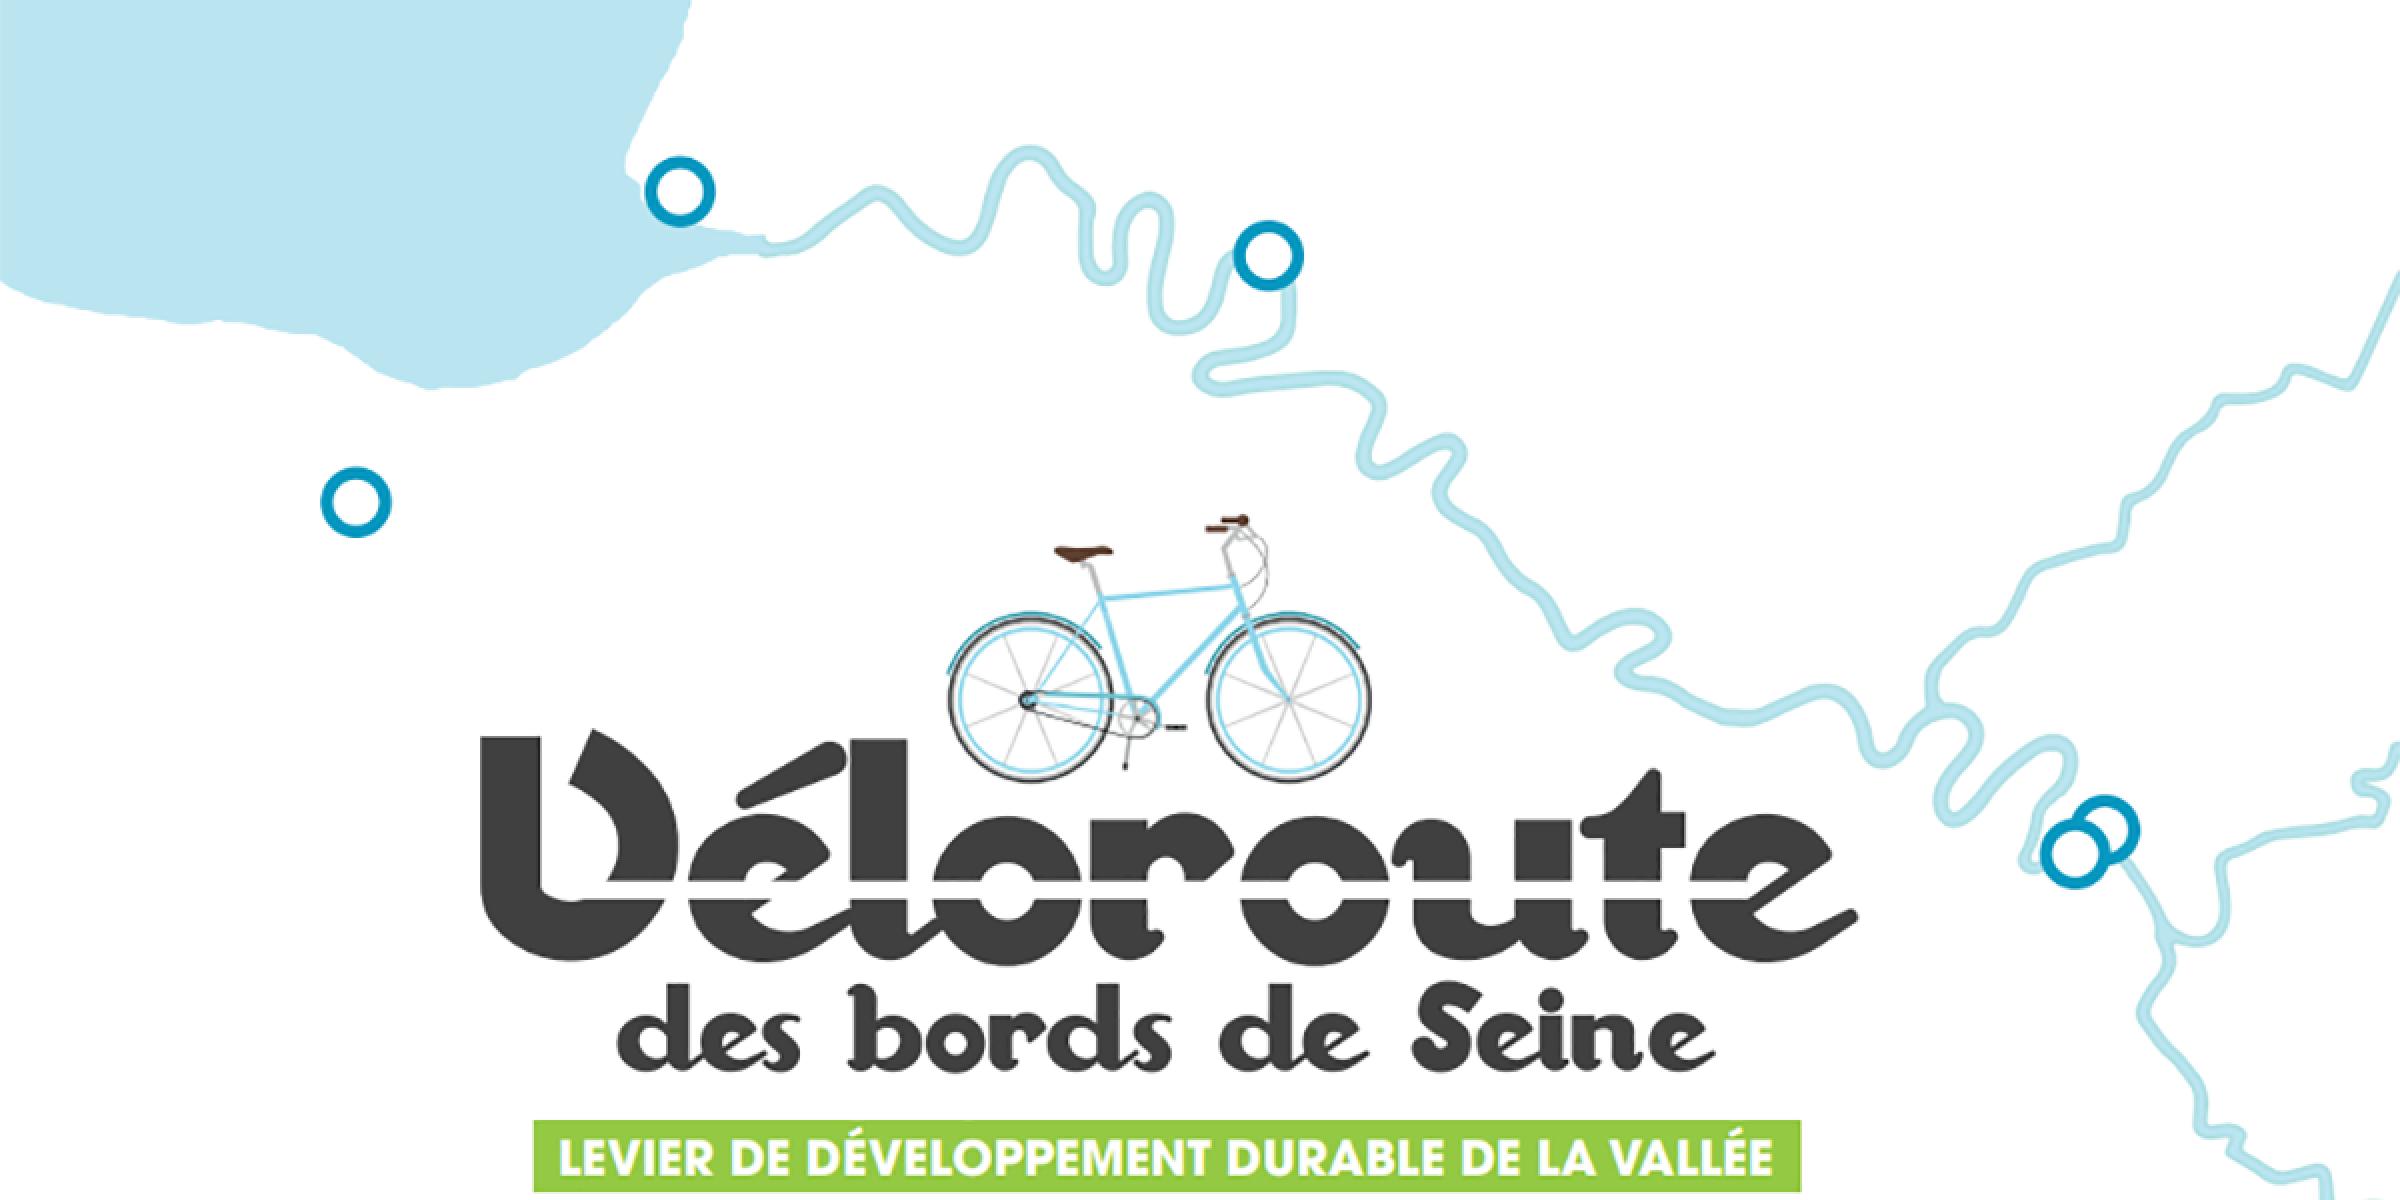 Véloroute des bords de Seine - Levier de développement durable de la vallée